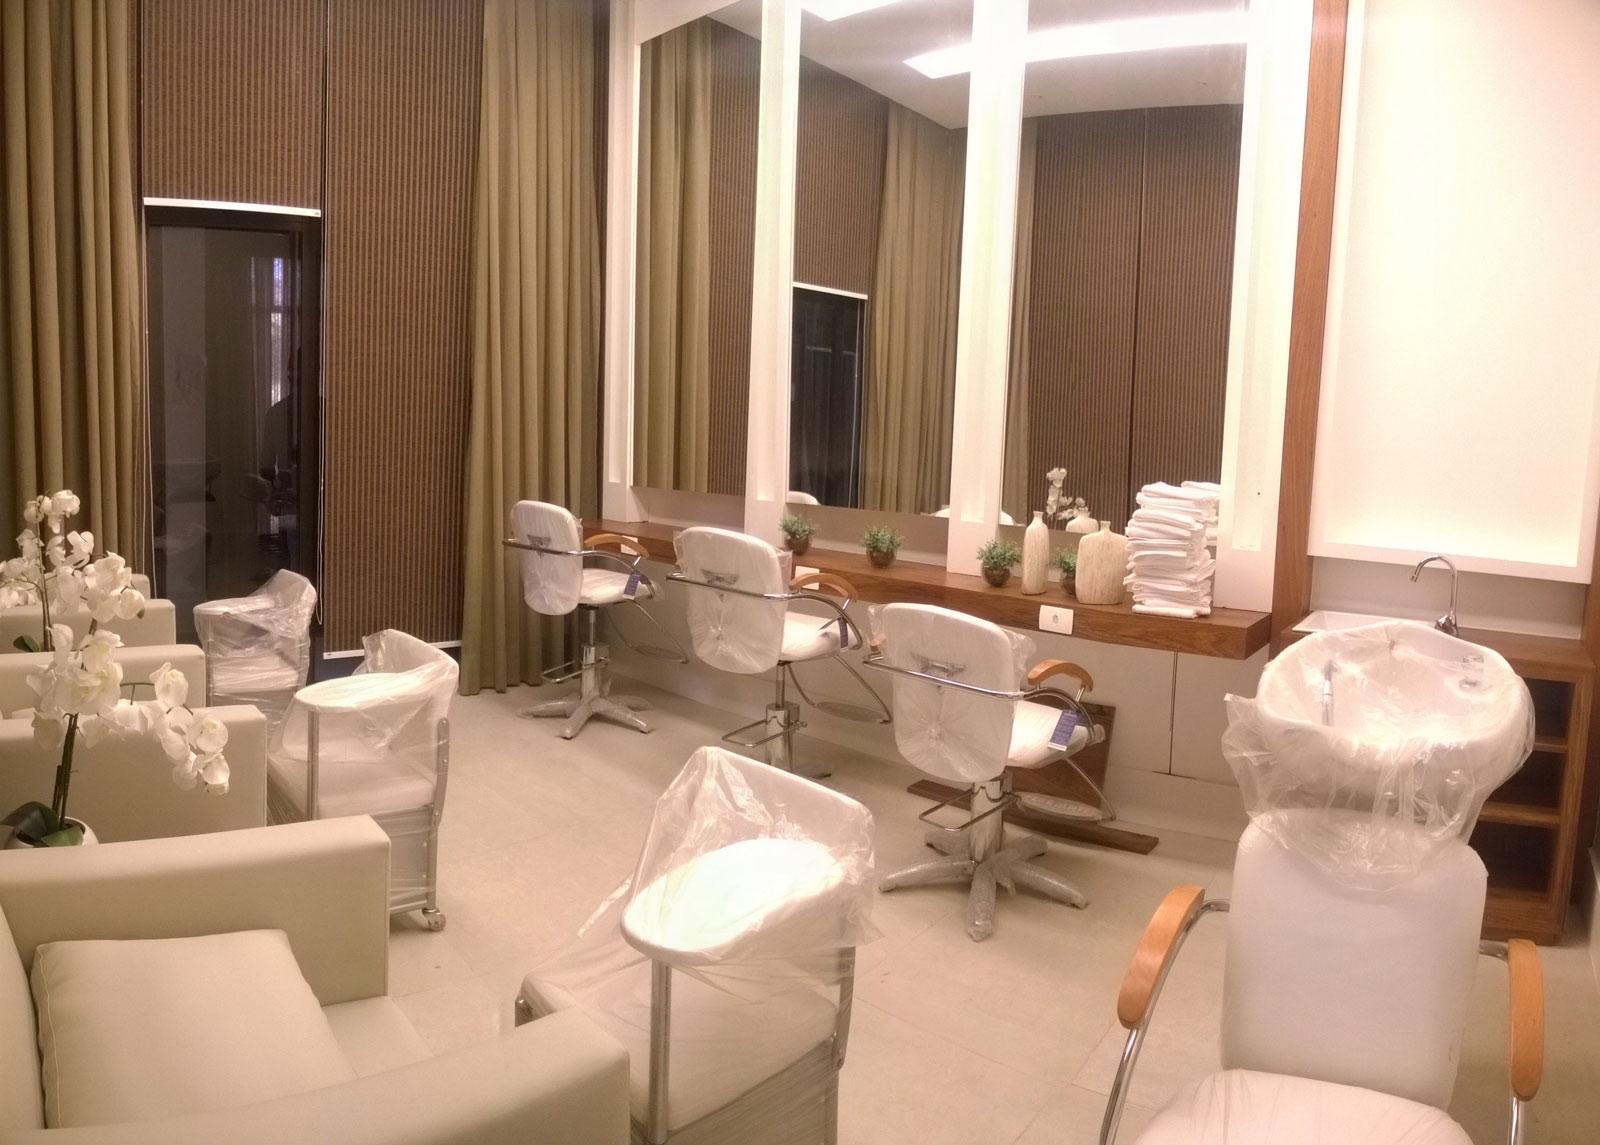 Imóvel pronto | Mandara Lanai – Apartamentono  Porto das Dunas - Aquiraz - Ceará